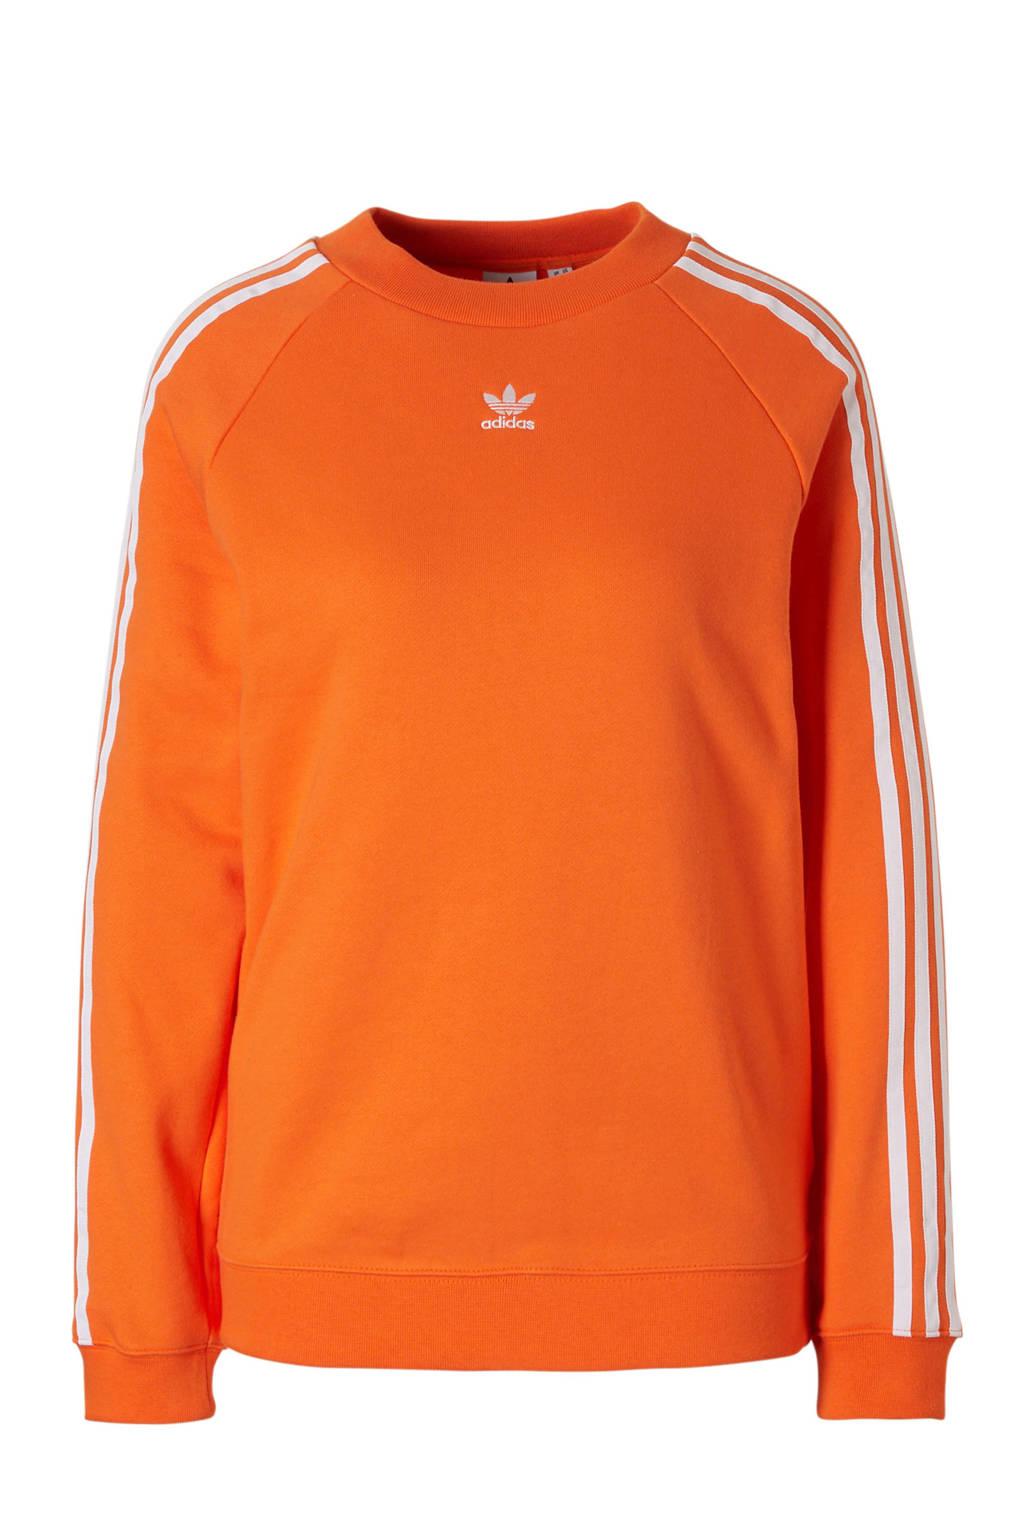 fd7698f5295 adidas originals sweater oranje, Oranje/wit